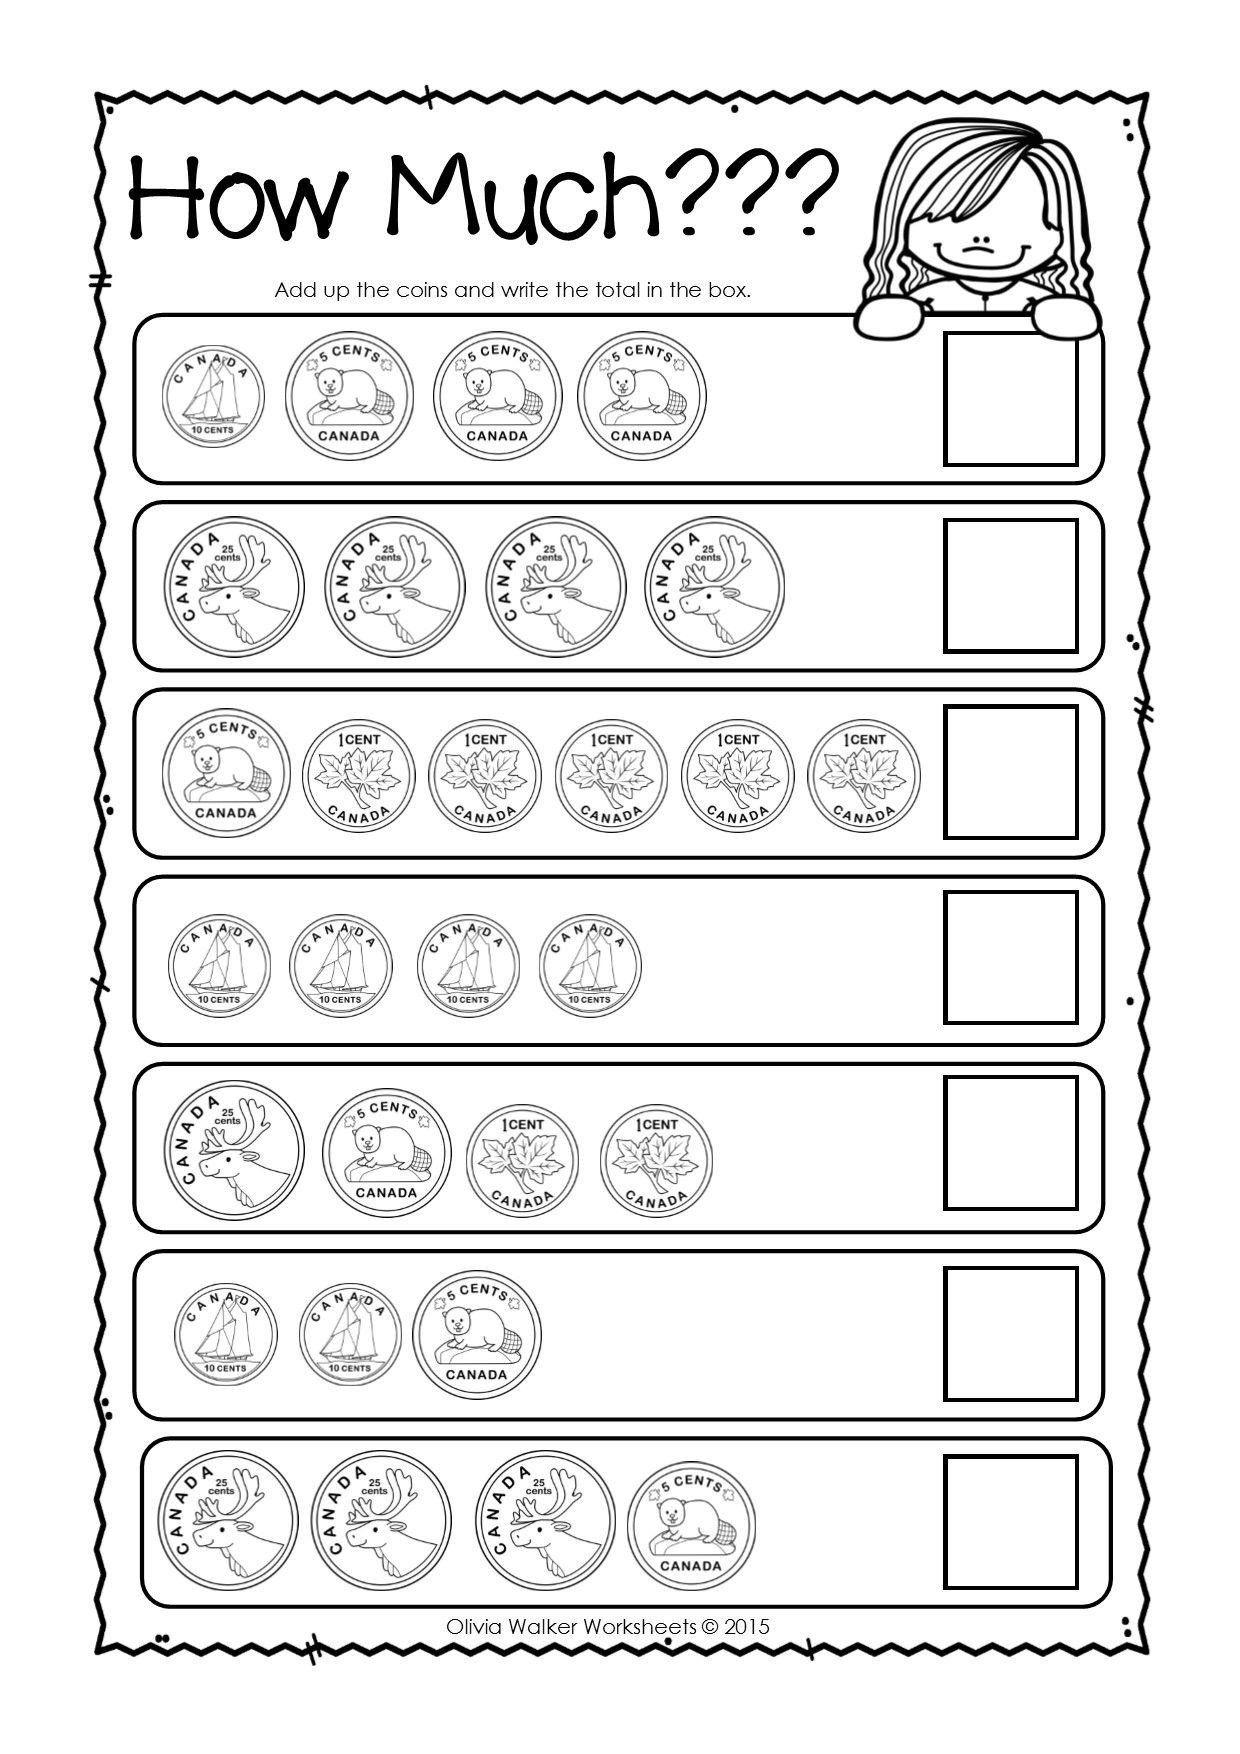 Nickel Worksheets For Kindergarten Canadian Money Worksheets Printables In 2020 Money Worksheets Counting Money Worksheets Money Math